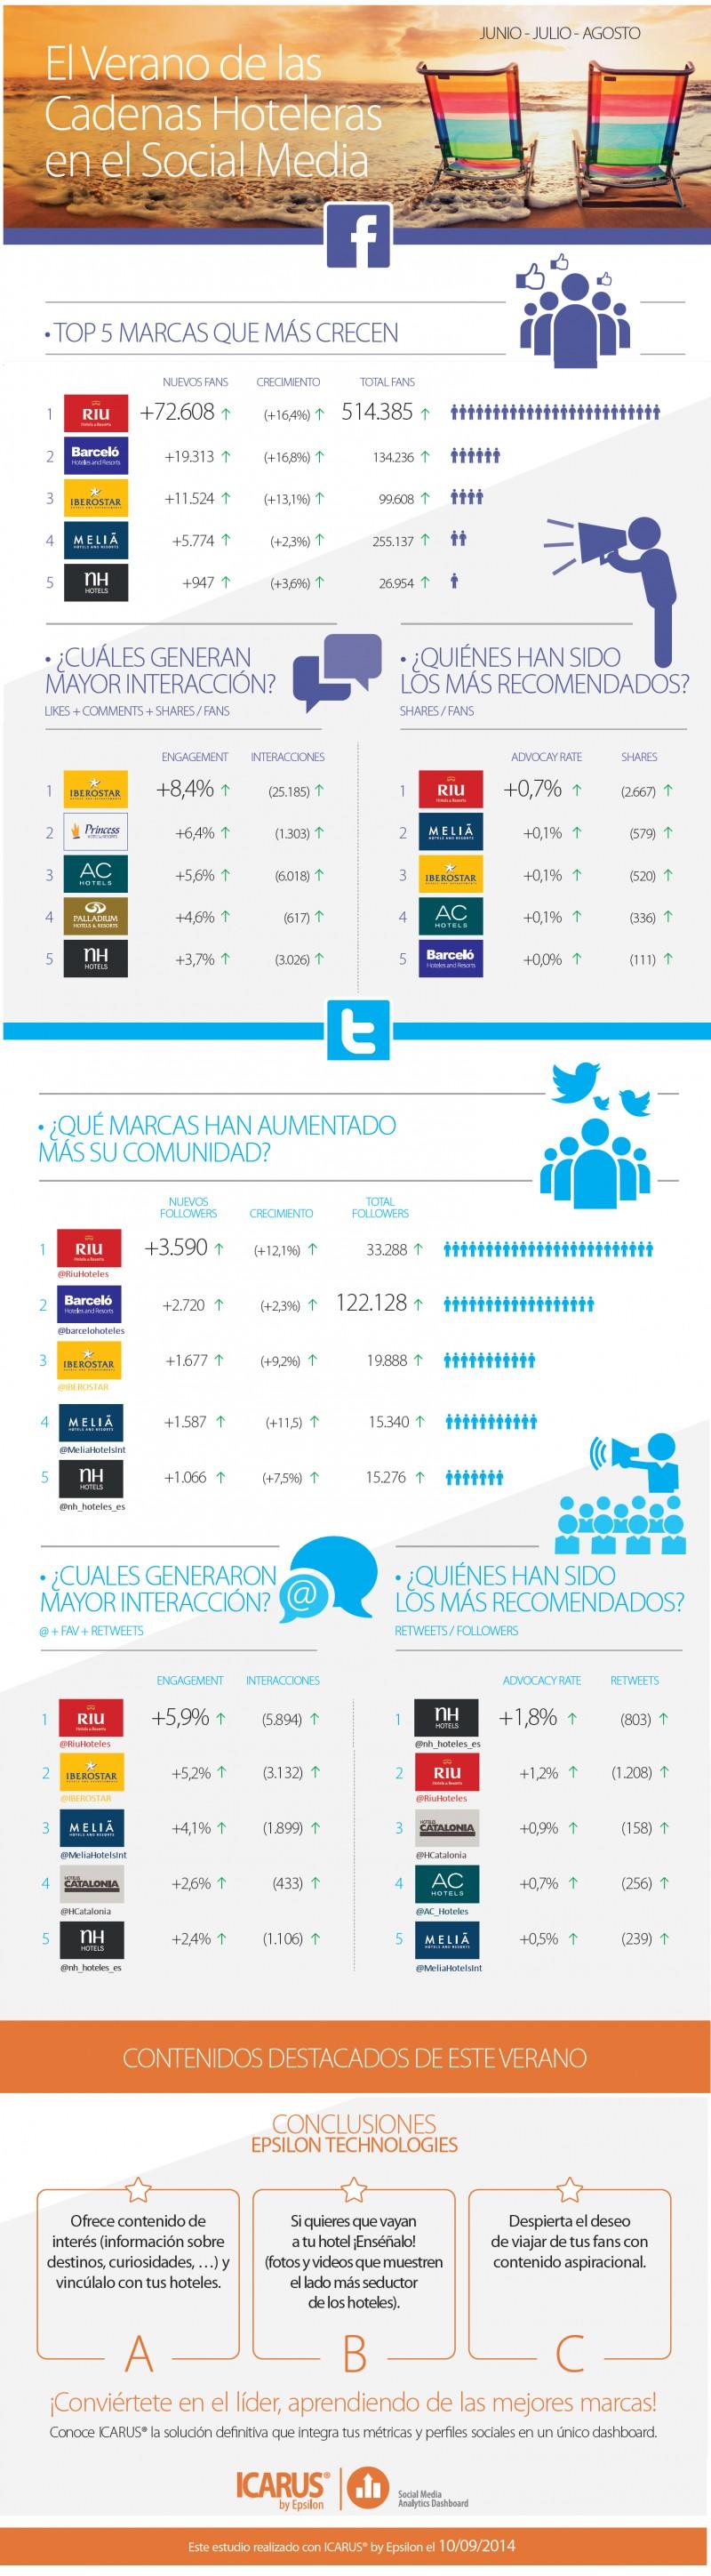 Cadenas hoteleras en Redes Sociales (verano/2014)